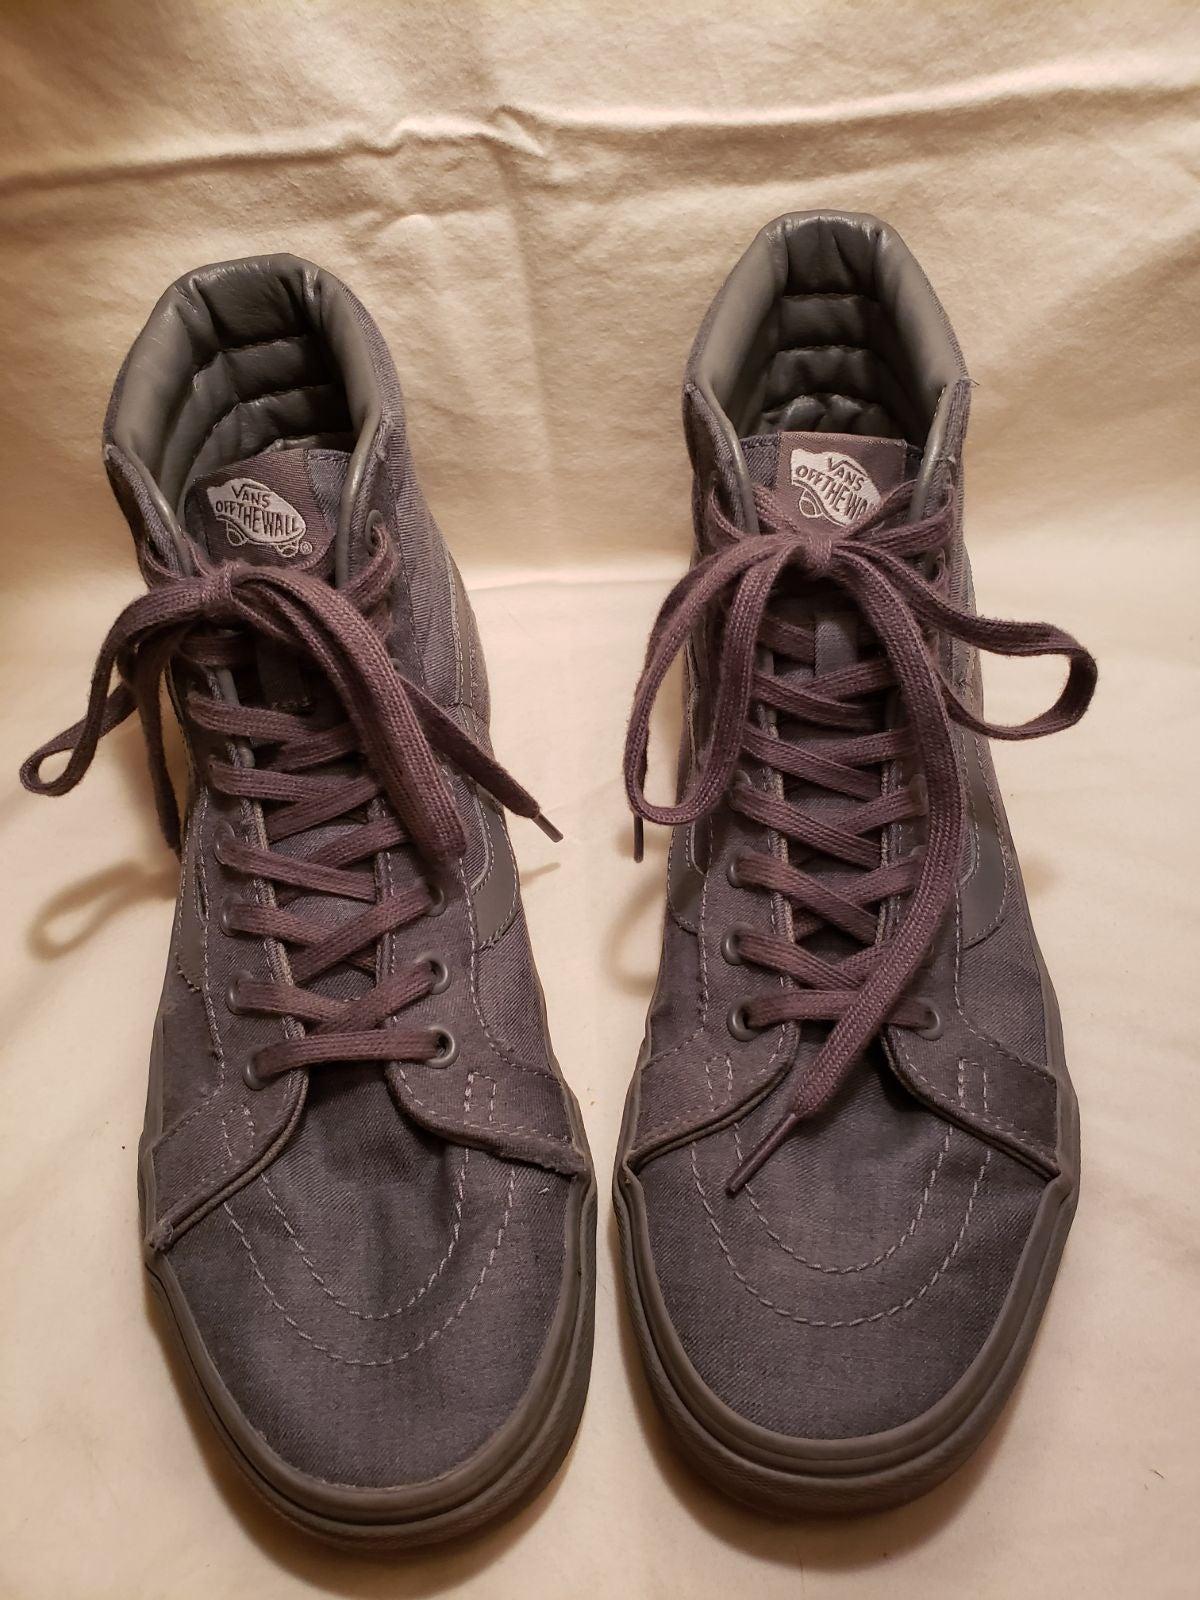 Van's Sk8-Hi gray laceup sneaker